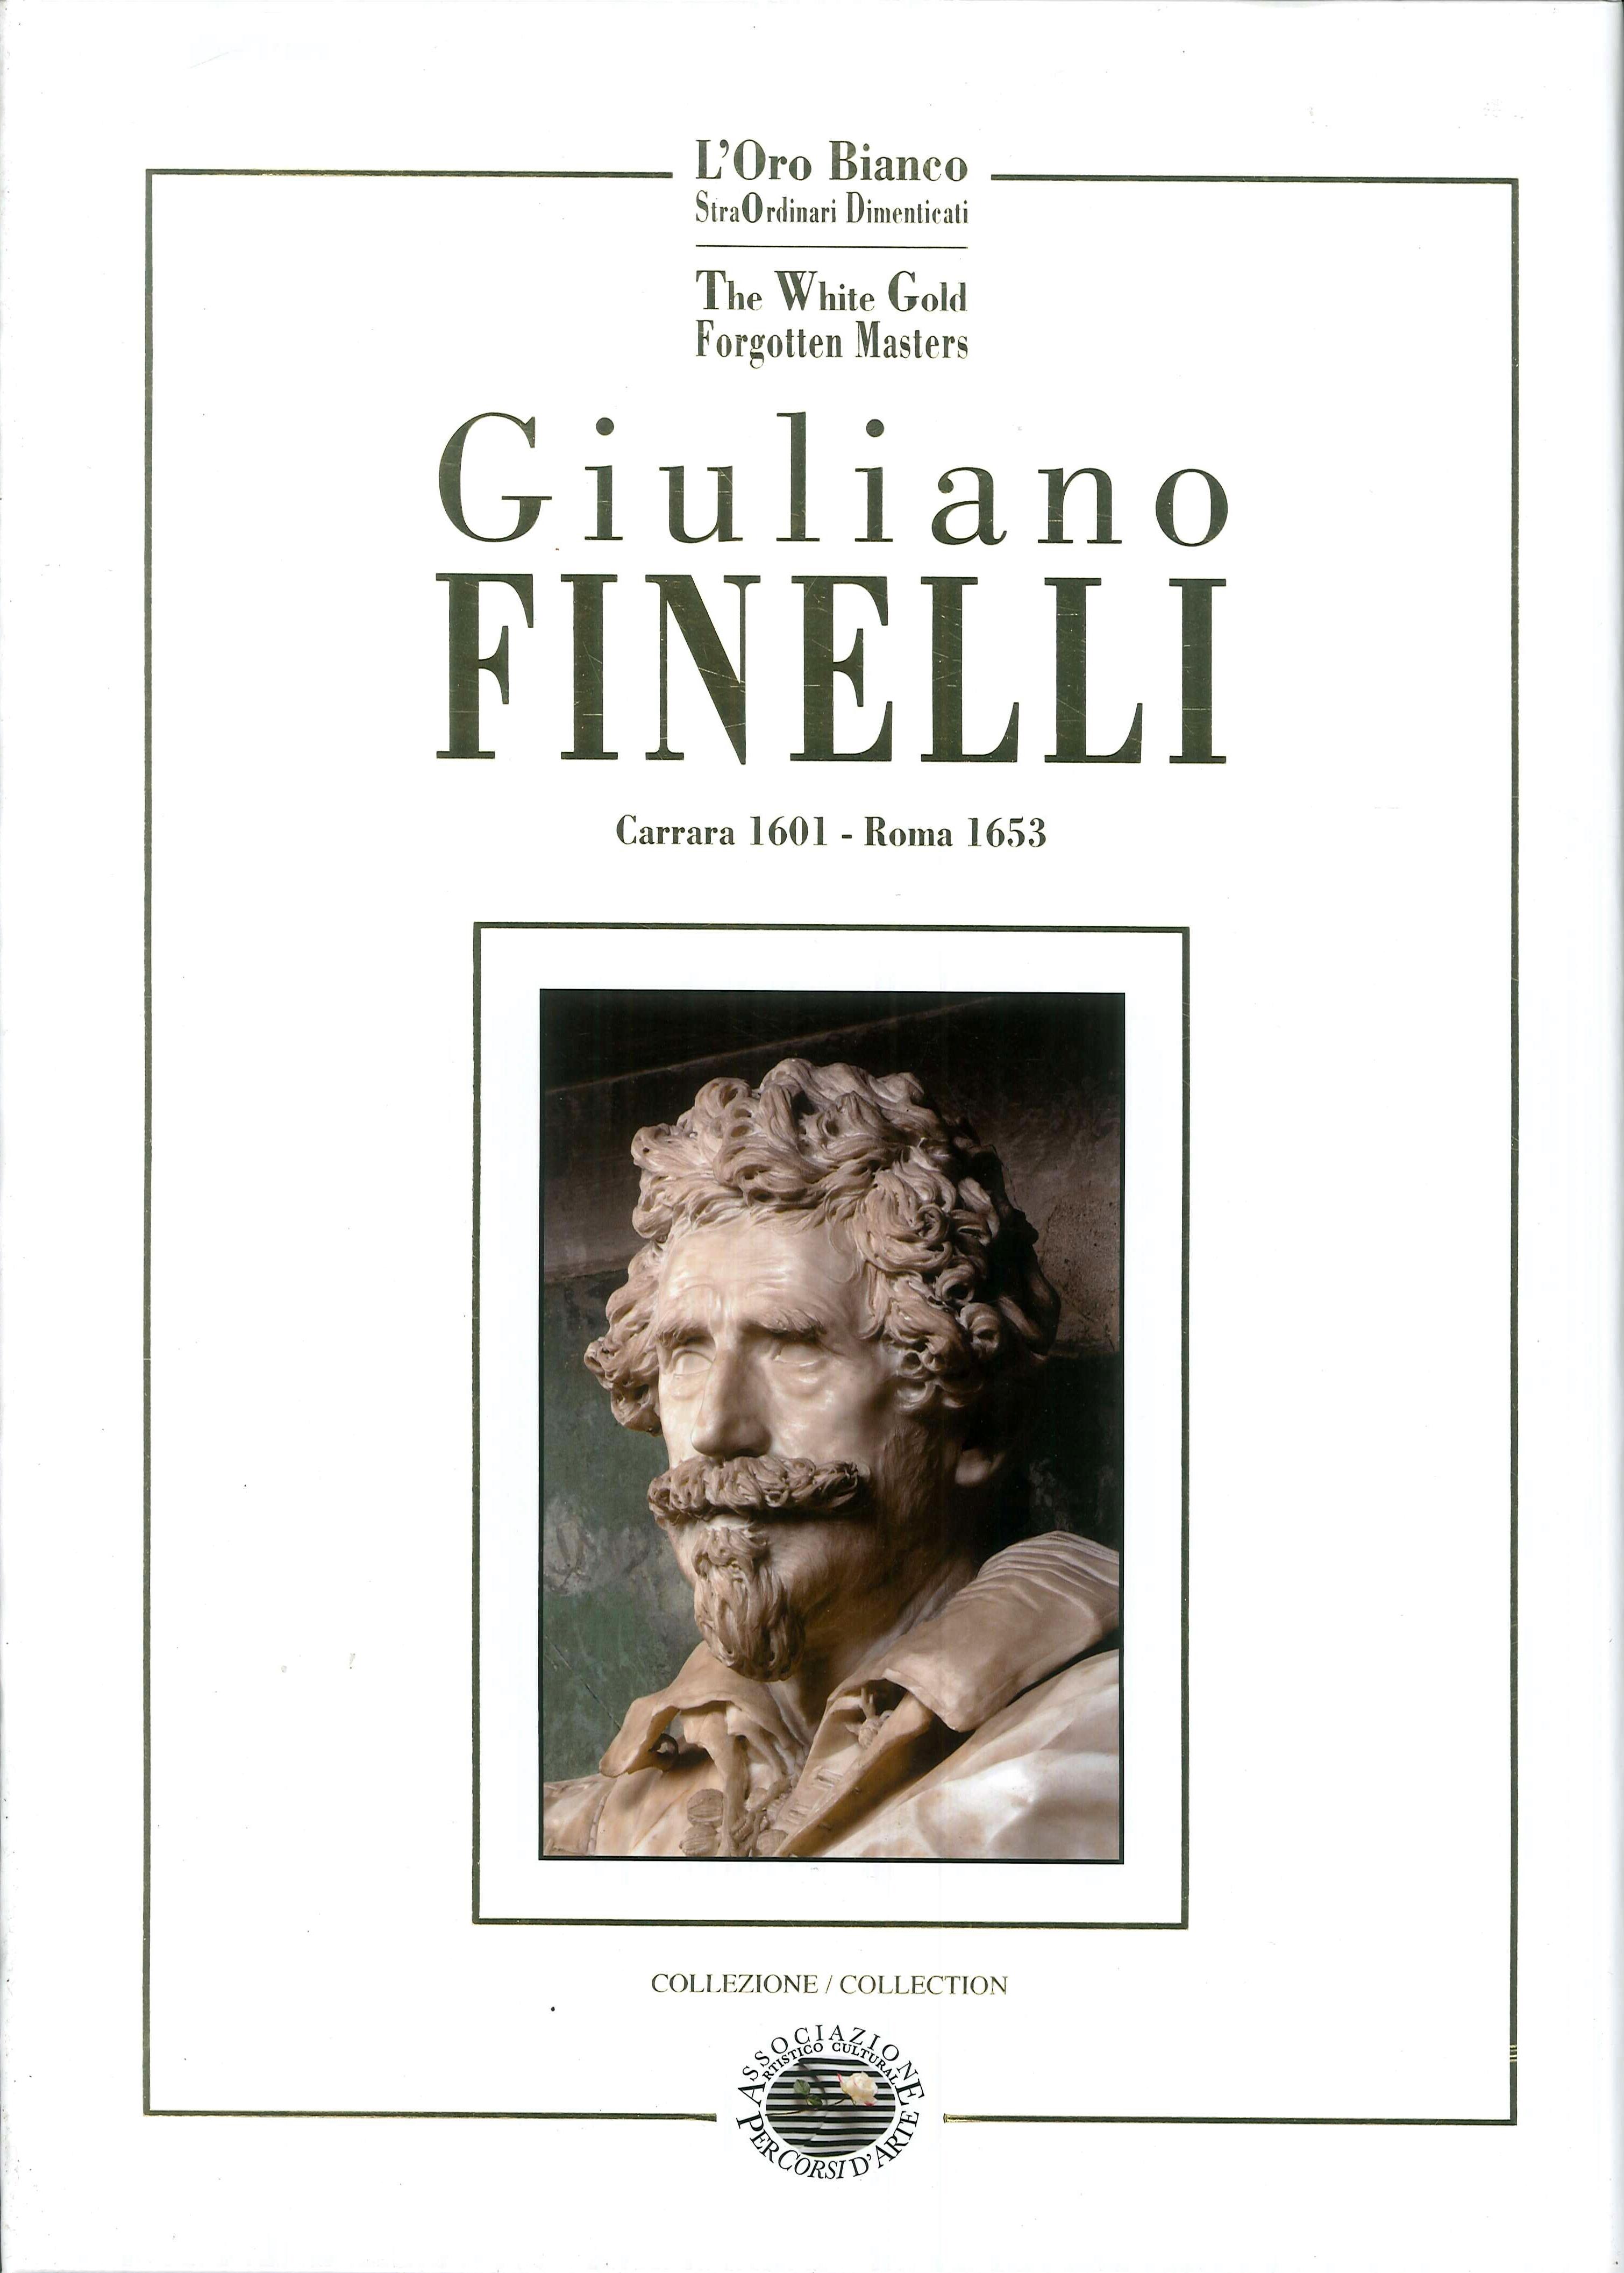 Giuliano Finelli (Carrara 1601 - Roma 1653)